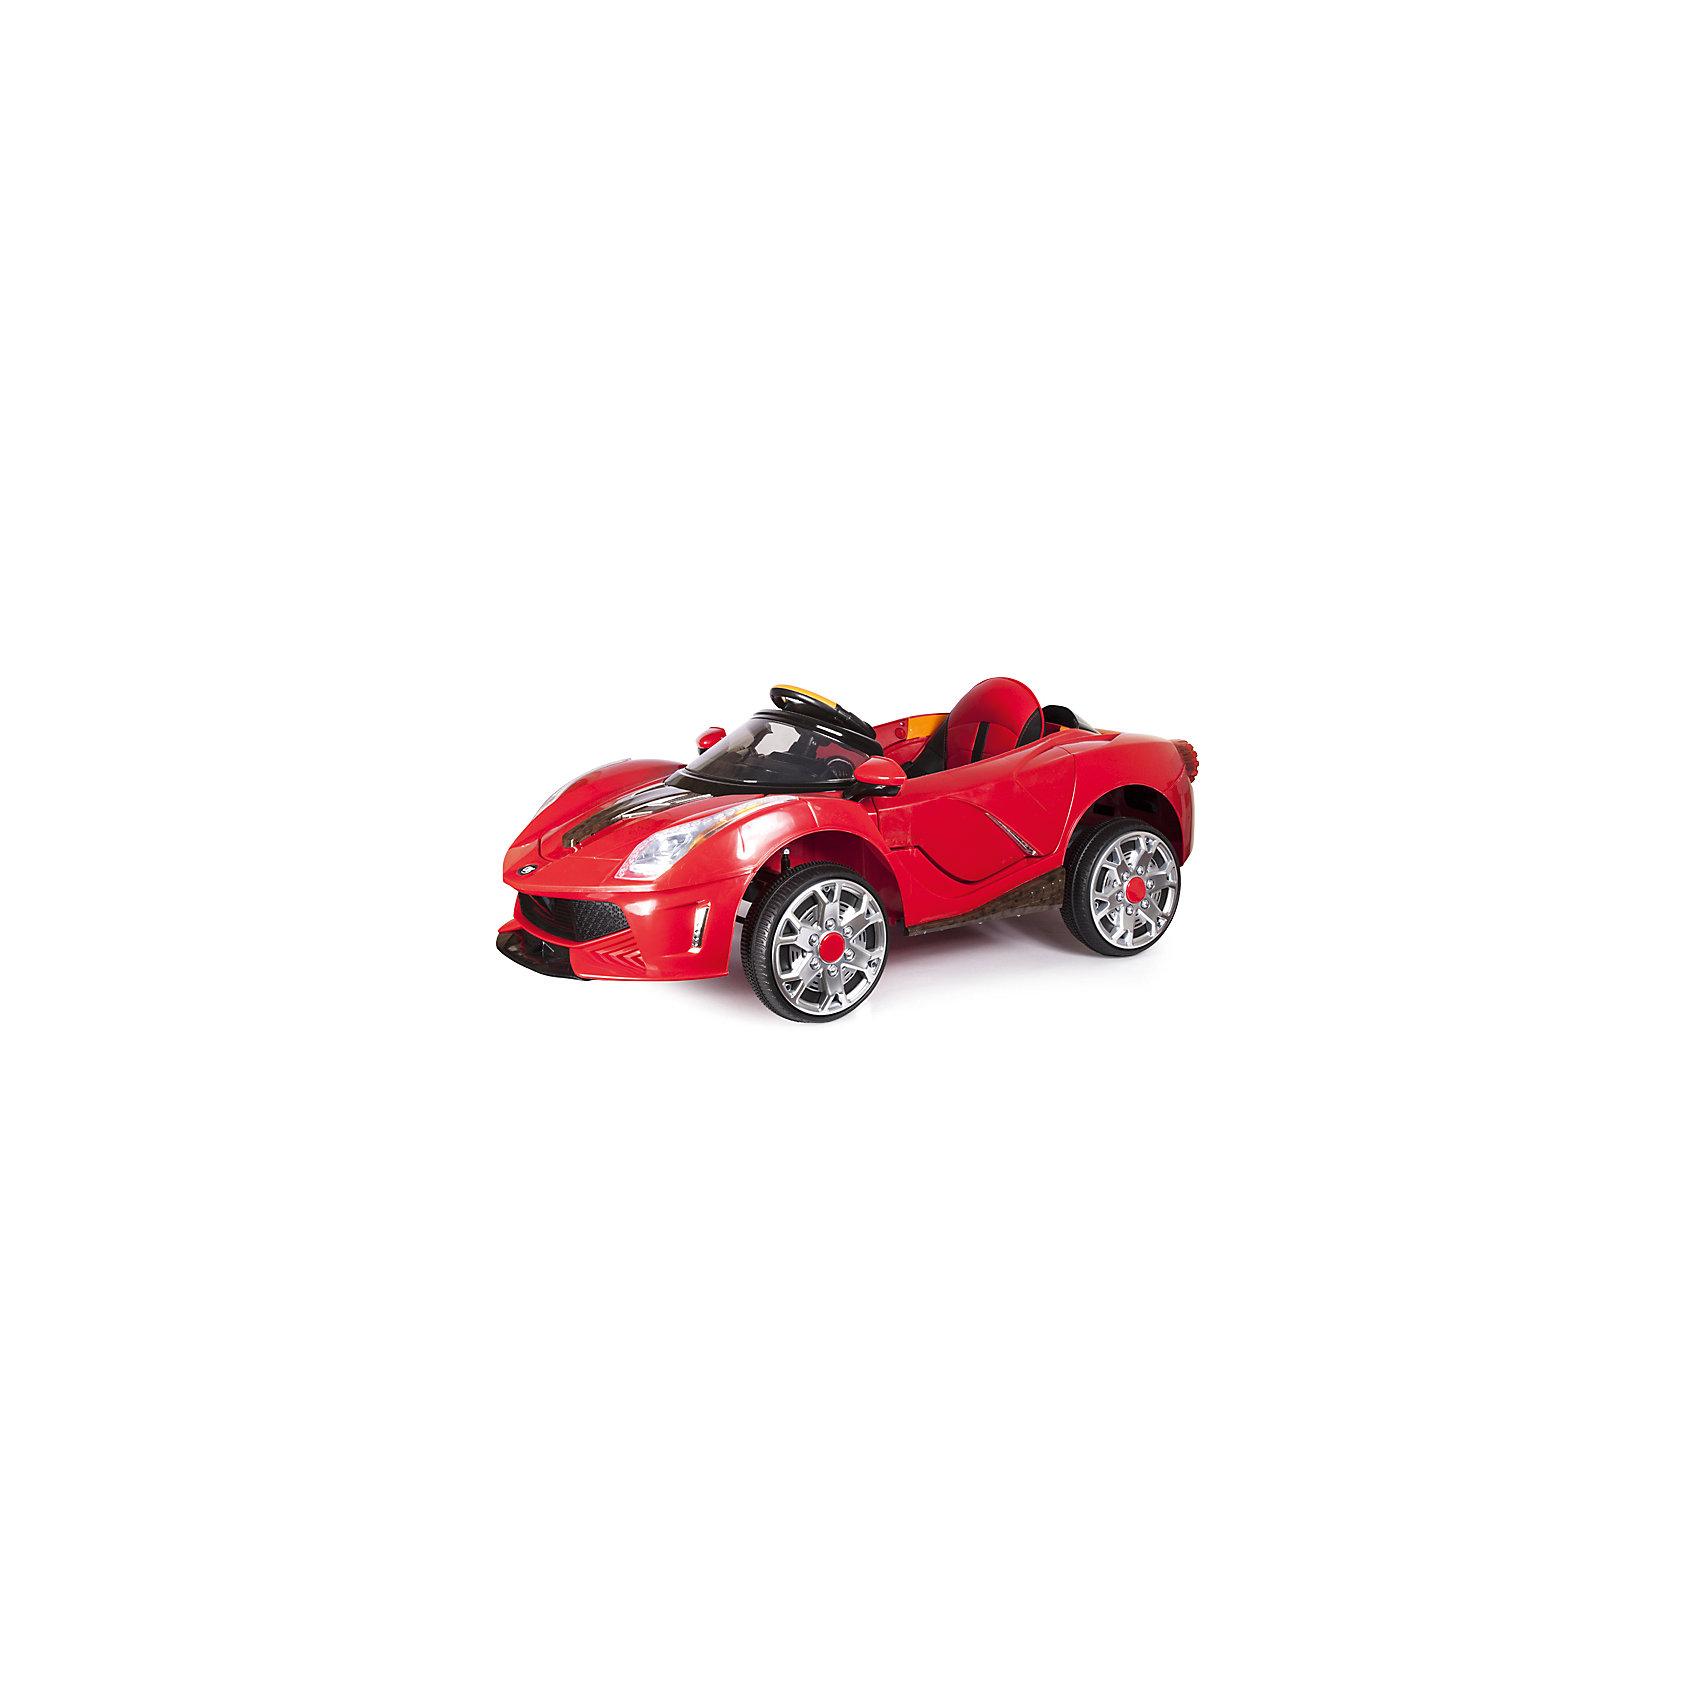 Электромобиль Суперавто-116, р/у, 2- скоростной, эко-кожа, со светом и звуком, ZilmerХарактеристики товара:<br><br>• материал: металл, полимер<br>• цвет: красный<br>• аккумуляторная батарея: 2х6V/7Ah<br>• удобный руль <br>• световые и звуковые эффекты<br>• 2 скорости<br>• движение вперёд и назад, повороты влево и вправо<br>• удобное сиденье<br>• боковые зеркала<br>• надежные материалы<br>• продуманная конструкция<br>• стильный дизайн<br>• возраст: от 3 лет<br>• размер: 64x44x117 см<br>• вес: 18 кг<br>• страна производства: Китай<br><br>О таком электромобиле мечтают многие мальчишки! Он очень красиво выглядит, также электромобиль способствует скорейшему развитию способности ориентироваться в пространстве, развивает физические способности, мышление и ловкость. Помимо этого, кататься на нём - очень увлекательное занятие!<br><br>Этот электромобиле выделяется устойчивой конструкцией и удобным сиденьем, а также световыми и звуковыми эффектами. Данная модель выполнена в стильном дизайне, отличается продуманной конструкцией. Легко управляется даже малышами. Отличный подарок для активного ребенка!<br><br>Электромобиль Суперавто-116, р/у, 2- скоростной, эко-кожа, со светом и звуком, от бренда Zilmer можно купить в нашем интернет-магазине.<br><br>Ширина мм: 1310<br>Глубина мм: 680<br>Высота мм: 350<br>Вес г: 23500<br>Возраст от месяцев: 36<br>Возраст до месяцев: 72<br>Пол: Унисекс<br>Возраст: Детский<br>SKU: 5478523